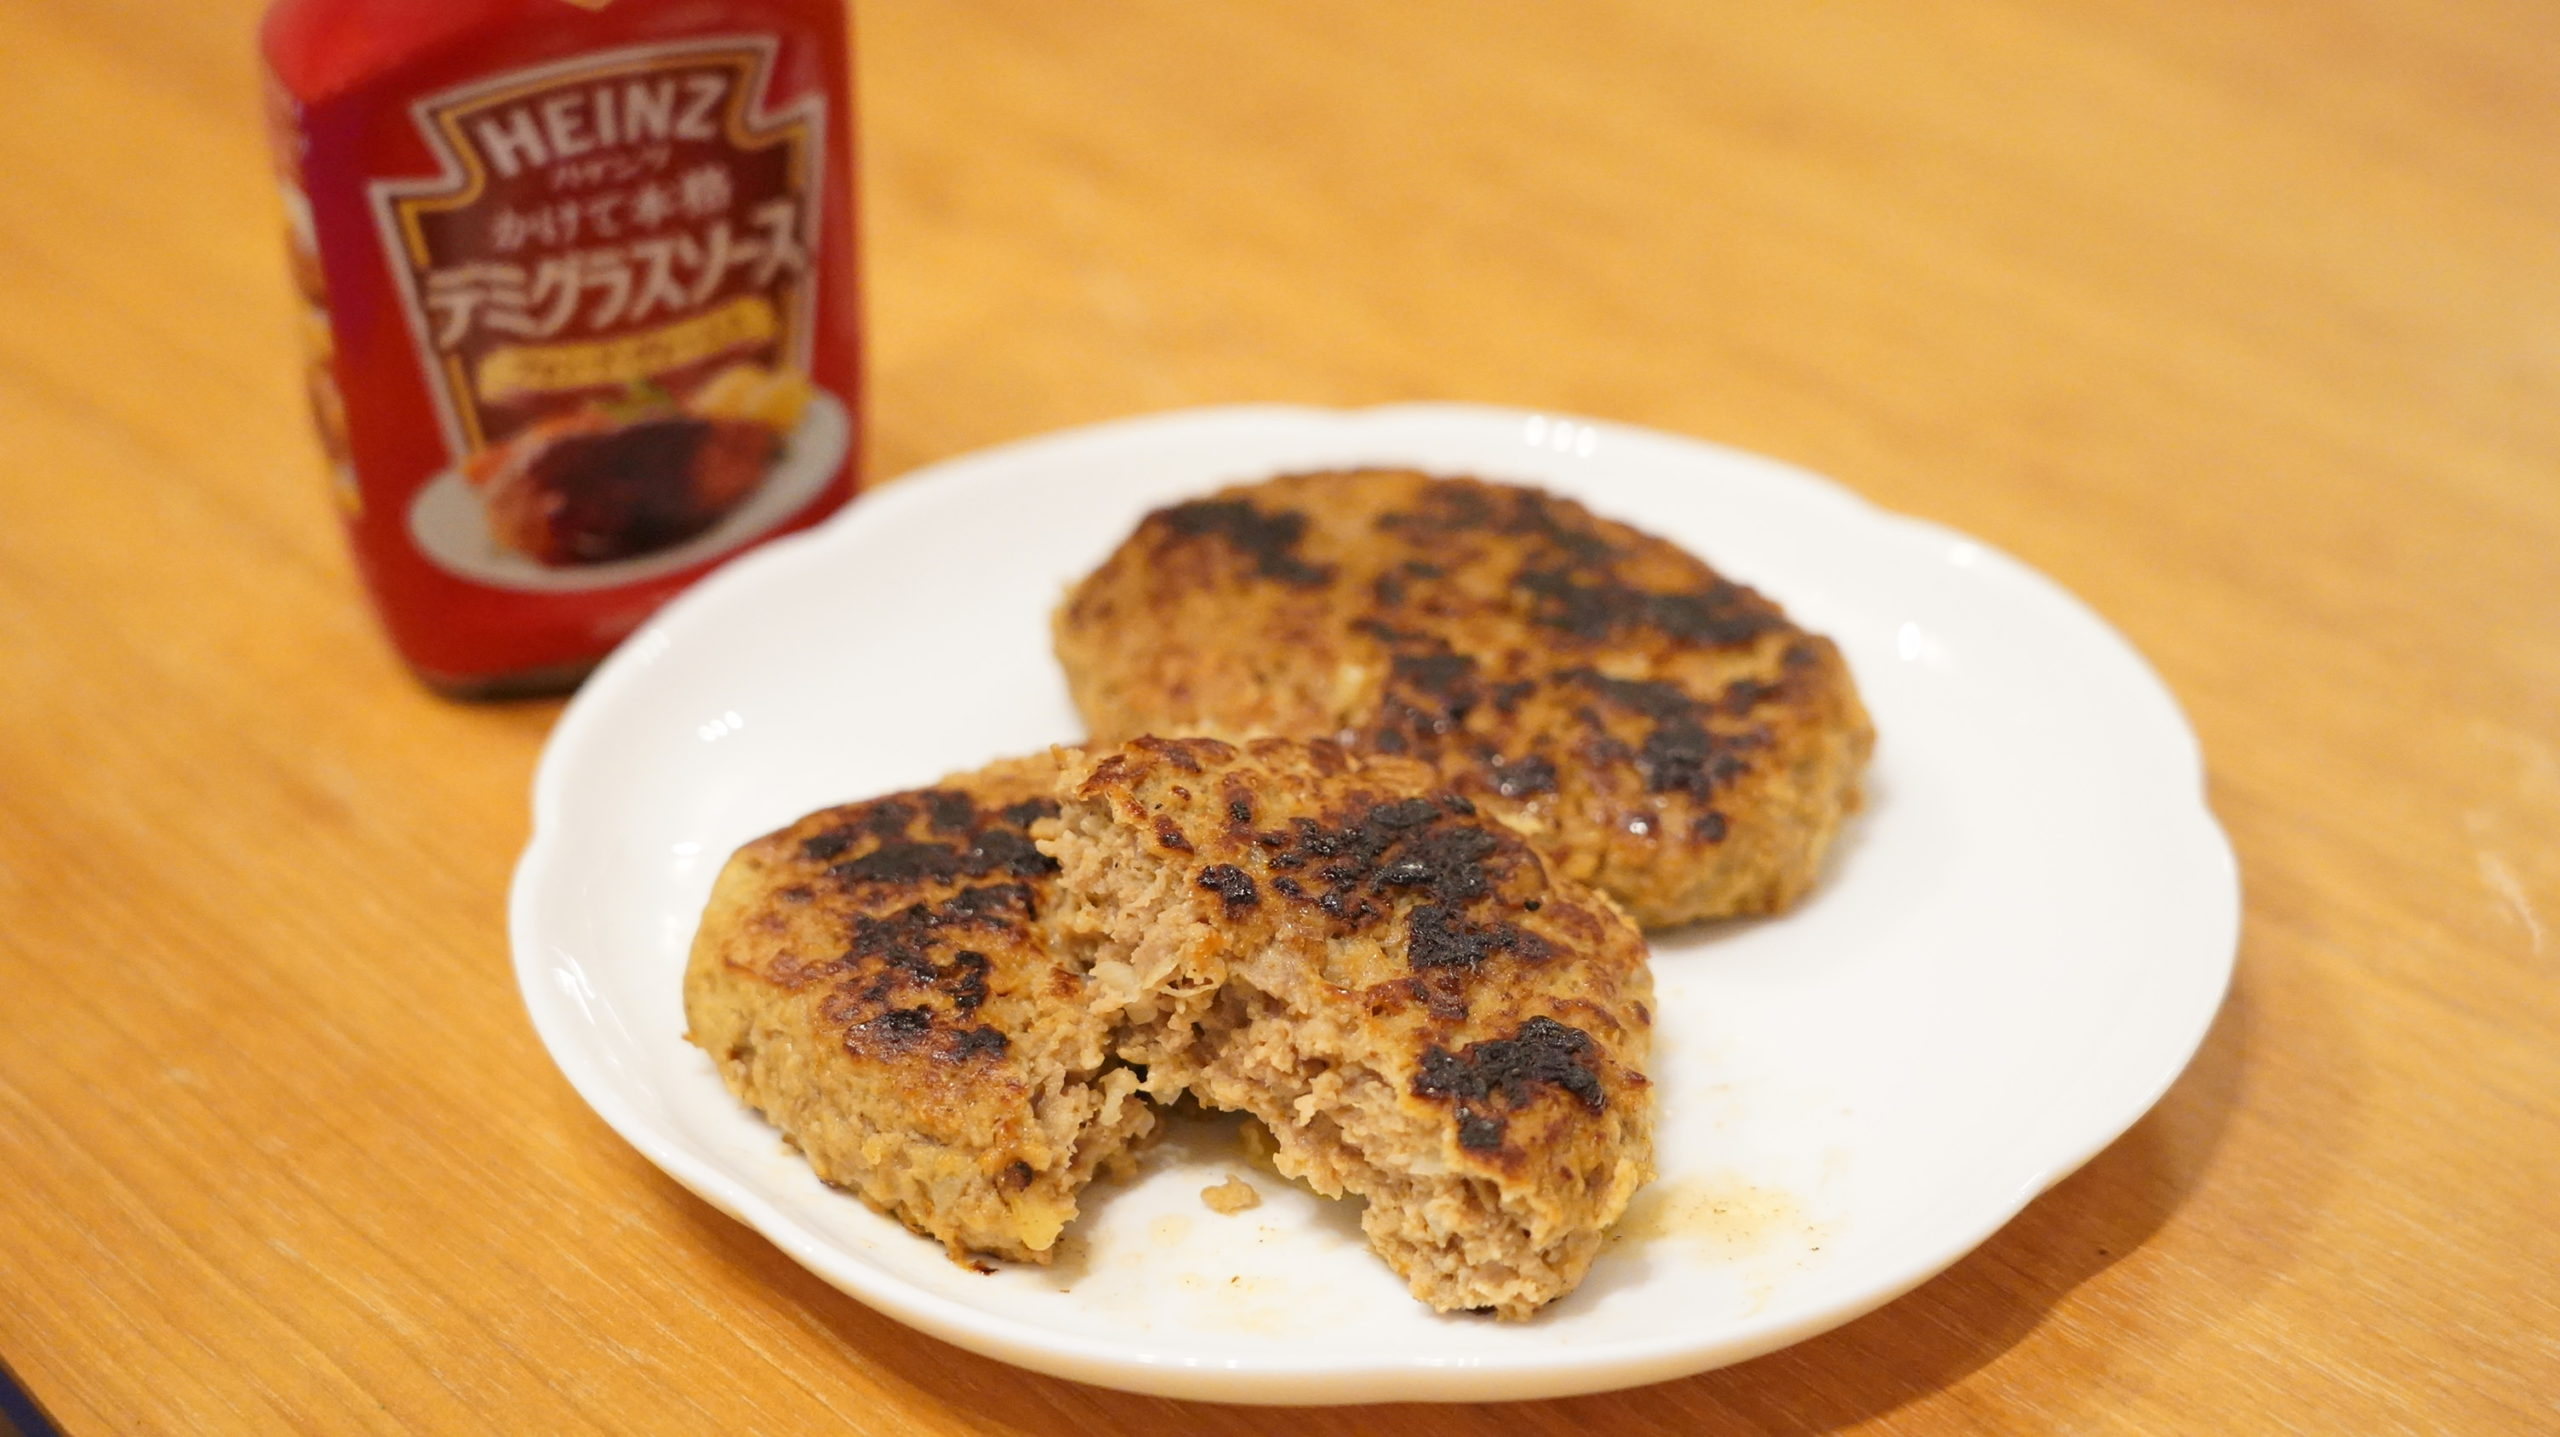 コストコの冷凍食品「香ばしグリエ・ハンバーグ」とデミグラスソースの写真